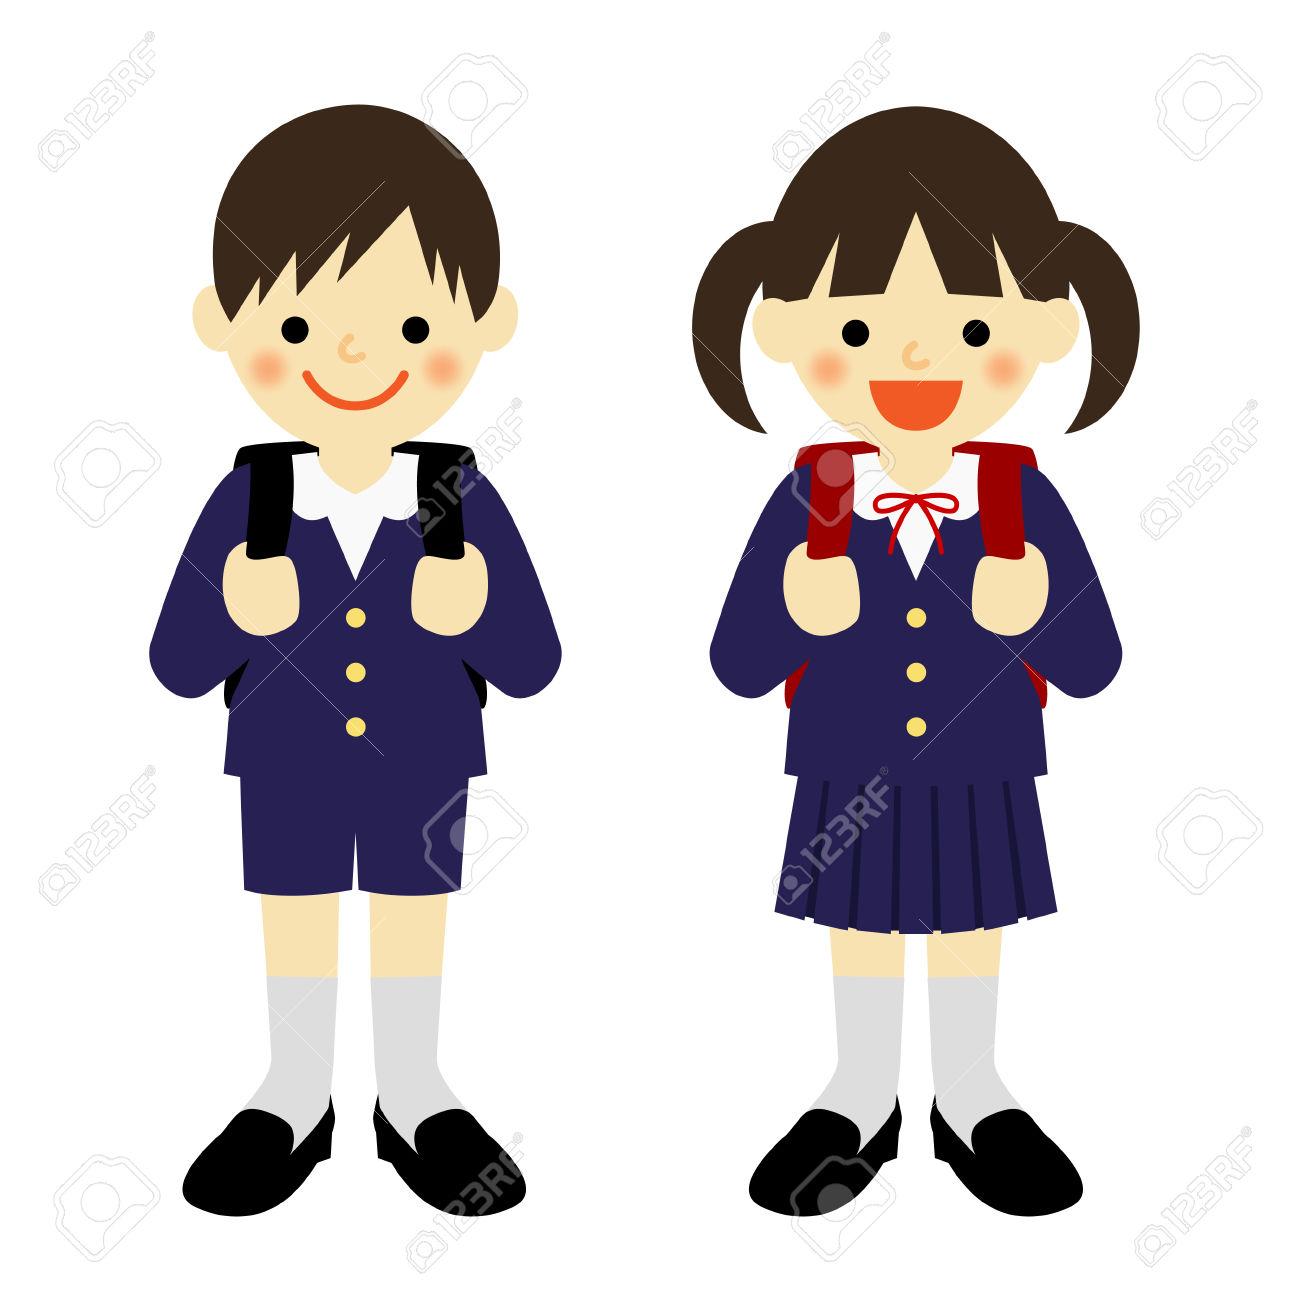 School uniform clipart 6 » Clipart Station.